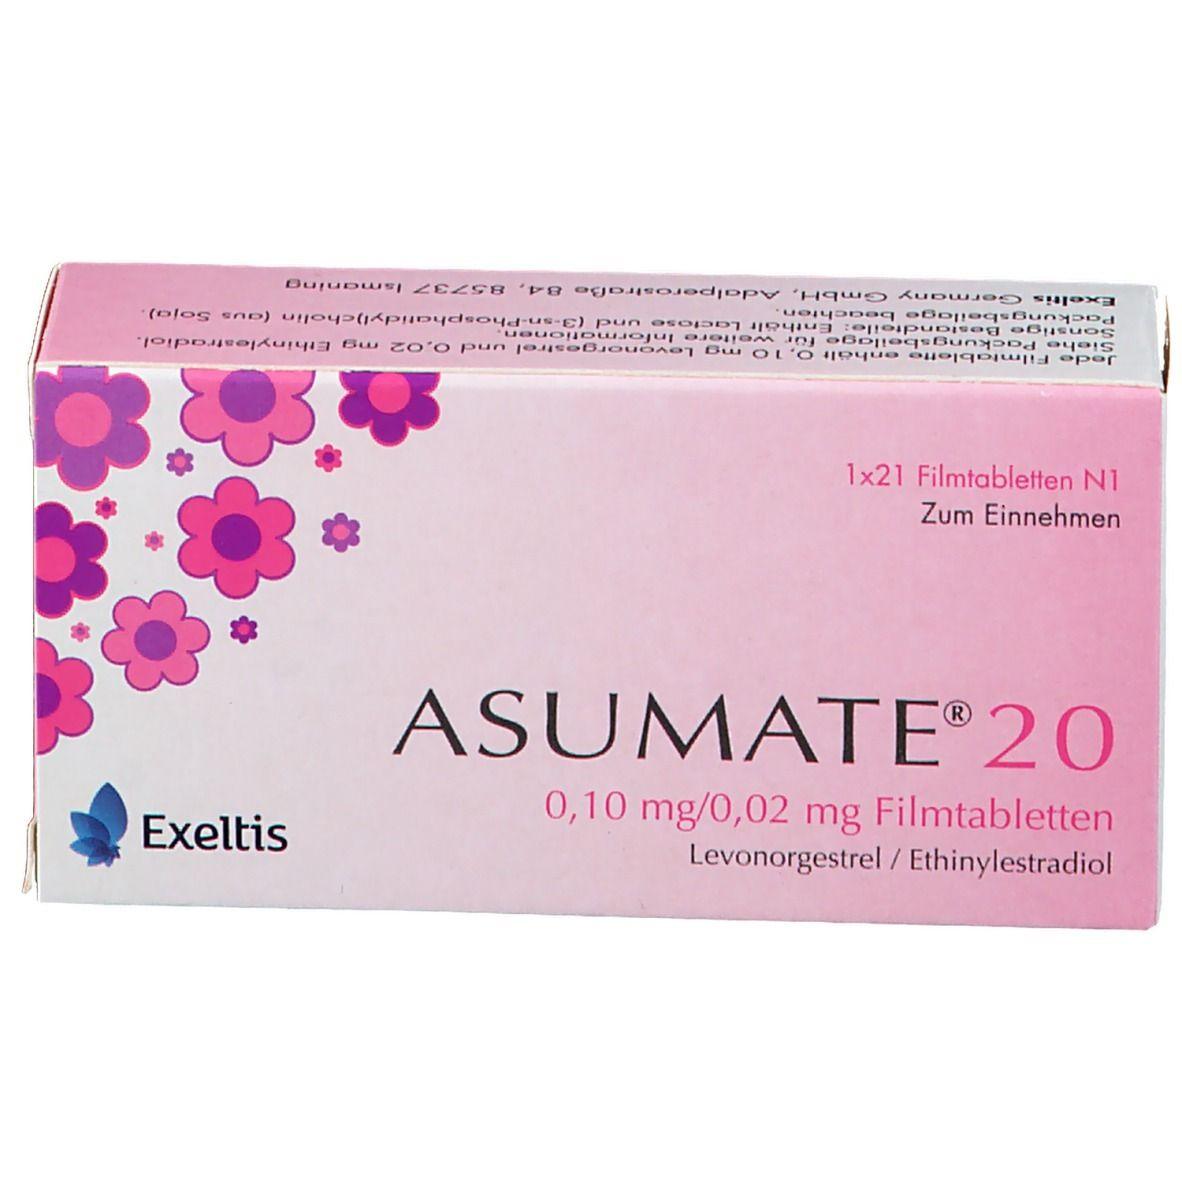 Nebenwirkungen asumate 20 Asumate 20